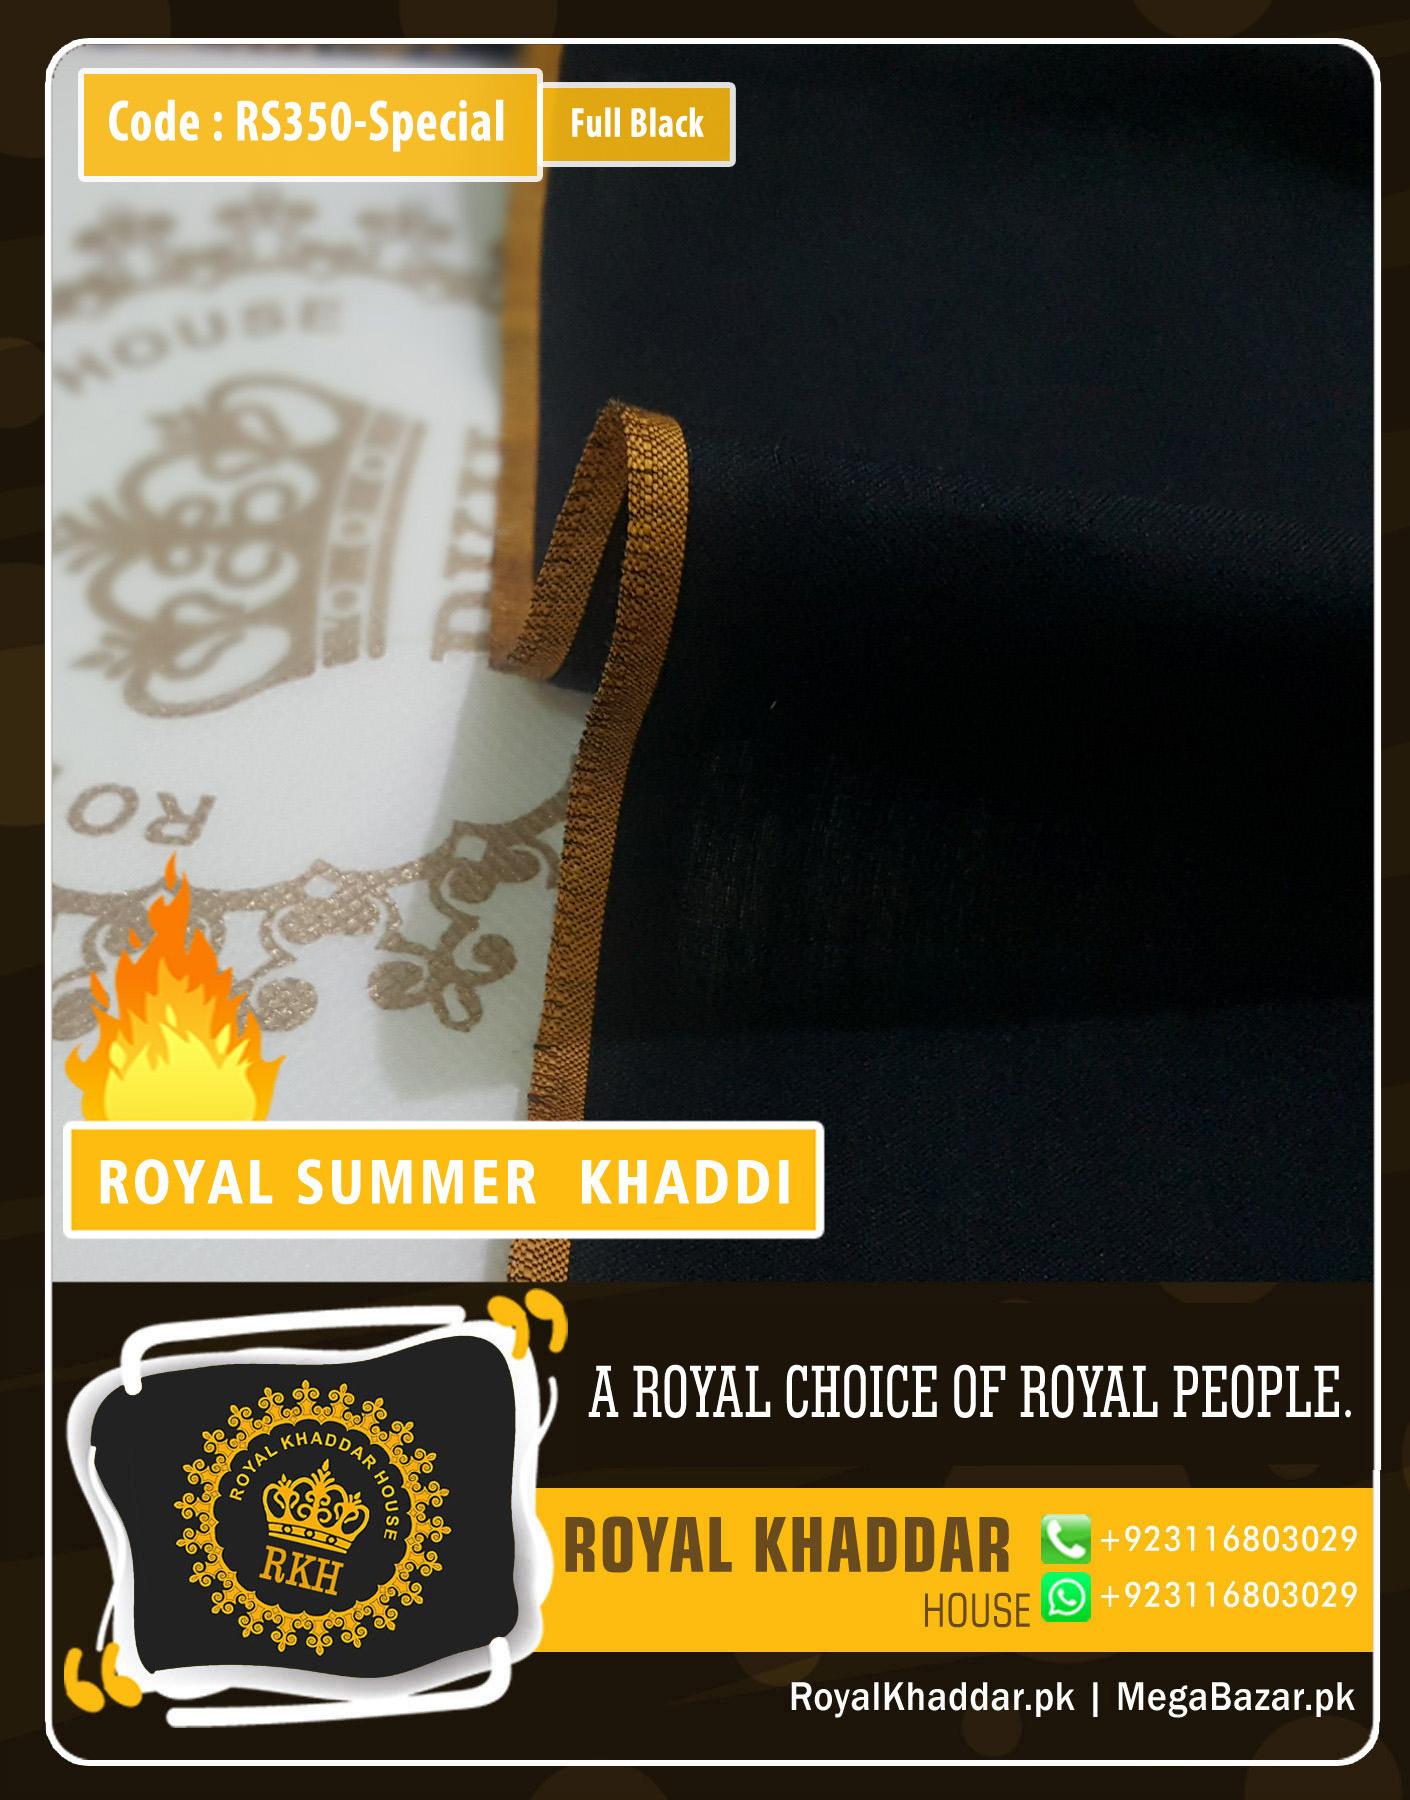 Full Black Special Royal Summer Khaddar RS350-Special